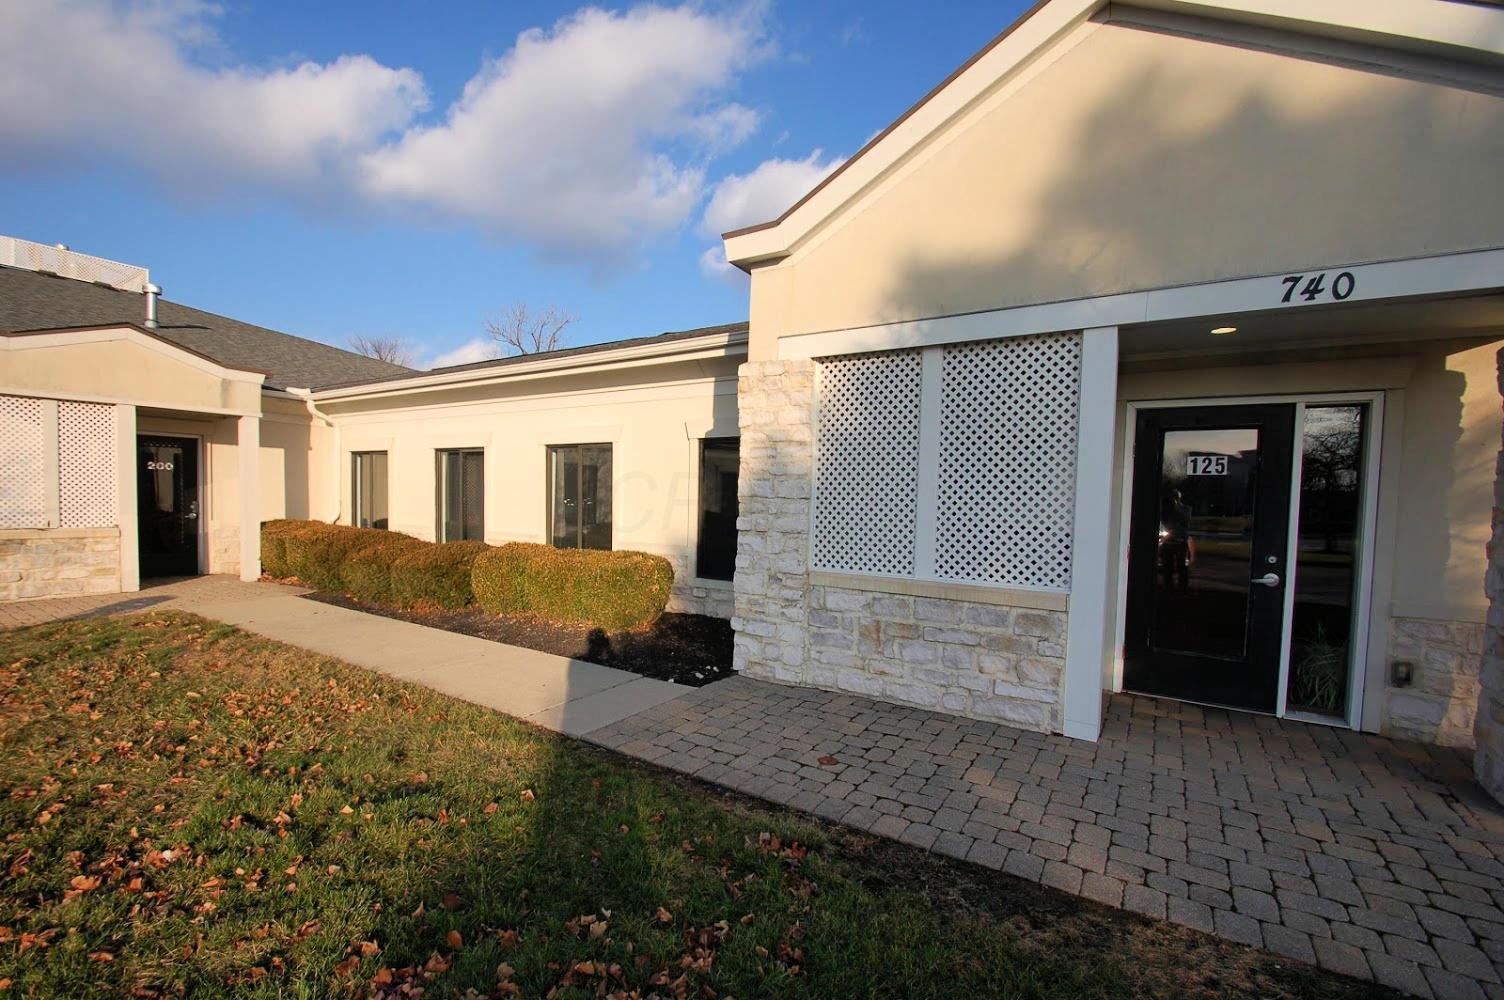 740 Lakeview Plaza Boulevard, #125, Worthington, OH 43085